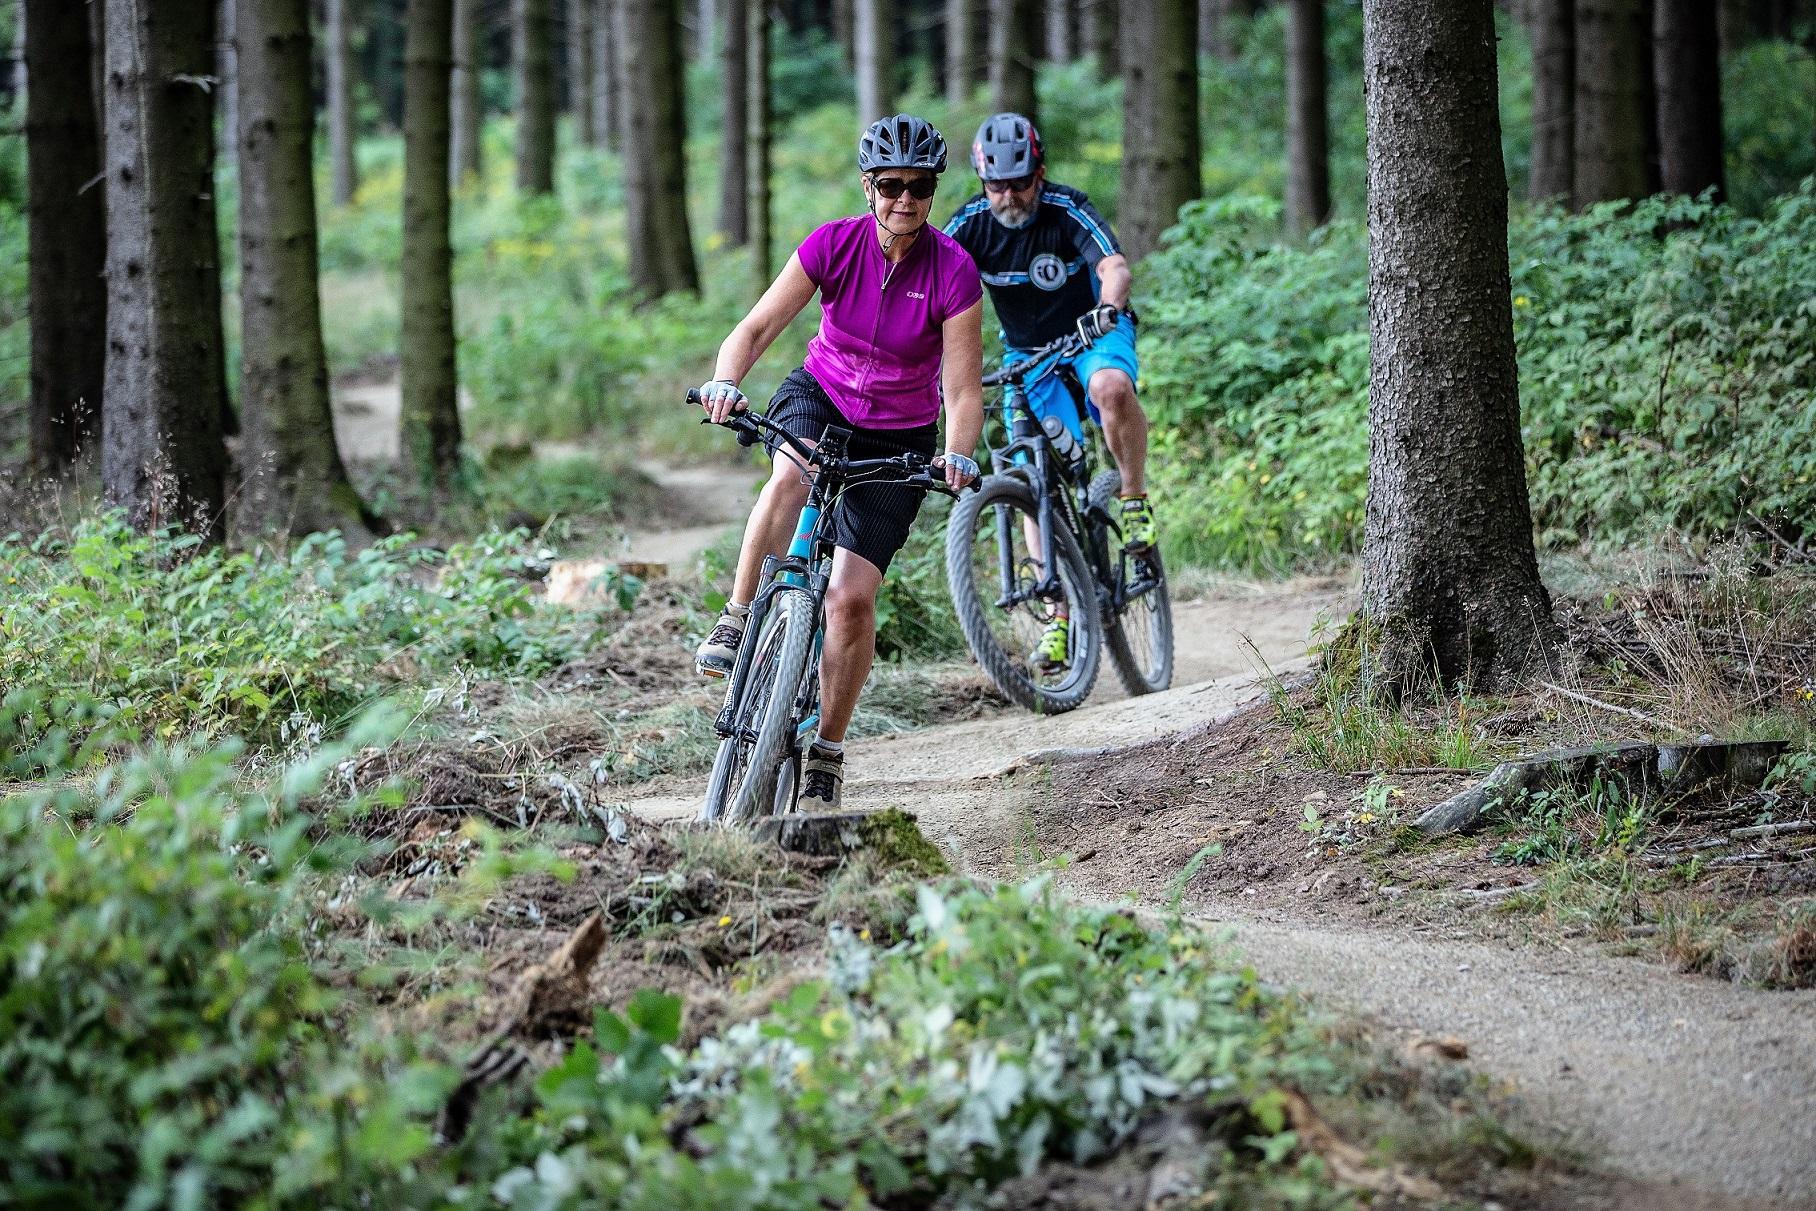 Ob Anfänger oder Profi, der Trailpark Winterberg hat das passende Angebot. Fotoquelle: WTW!